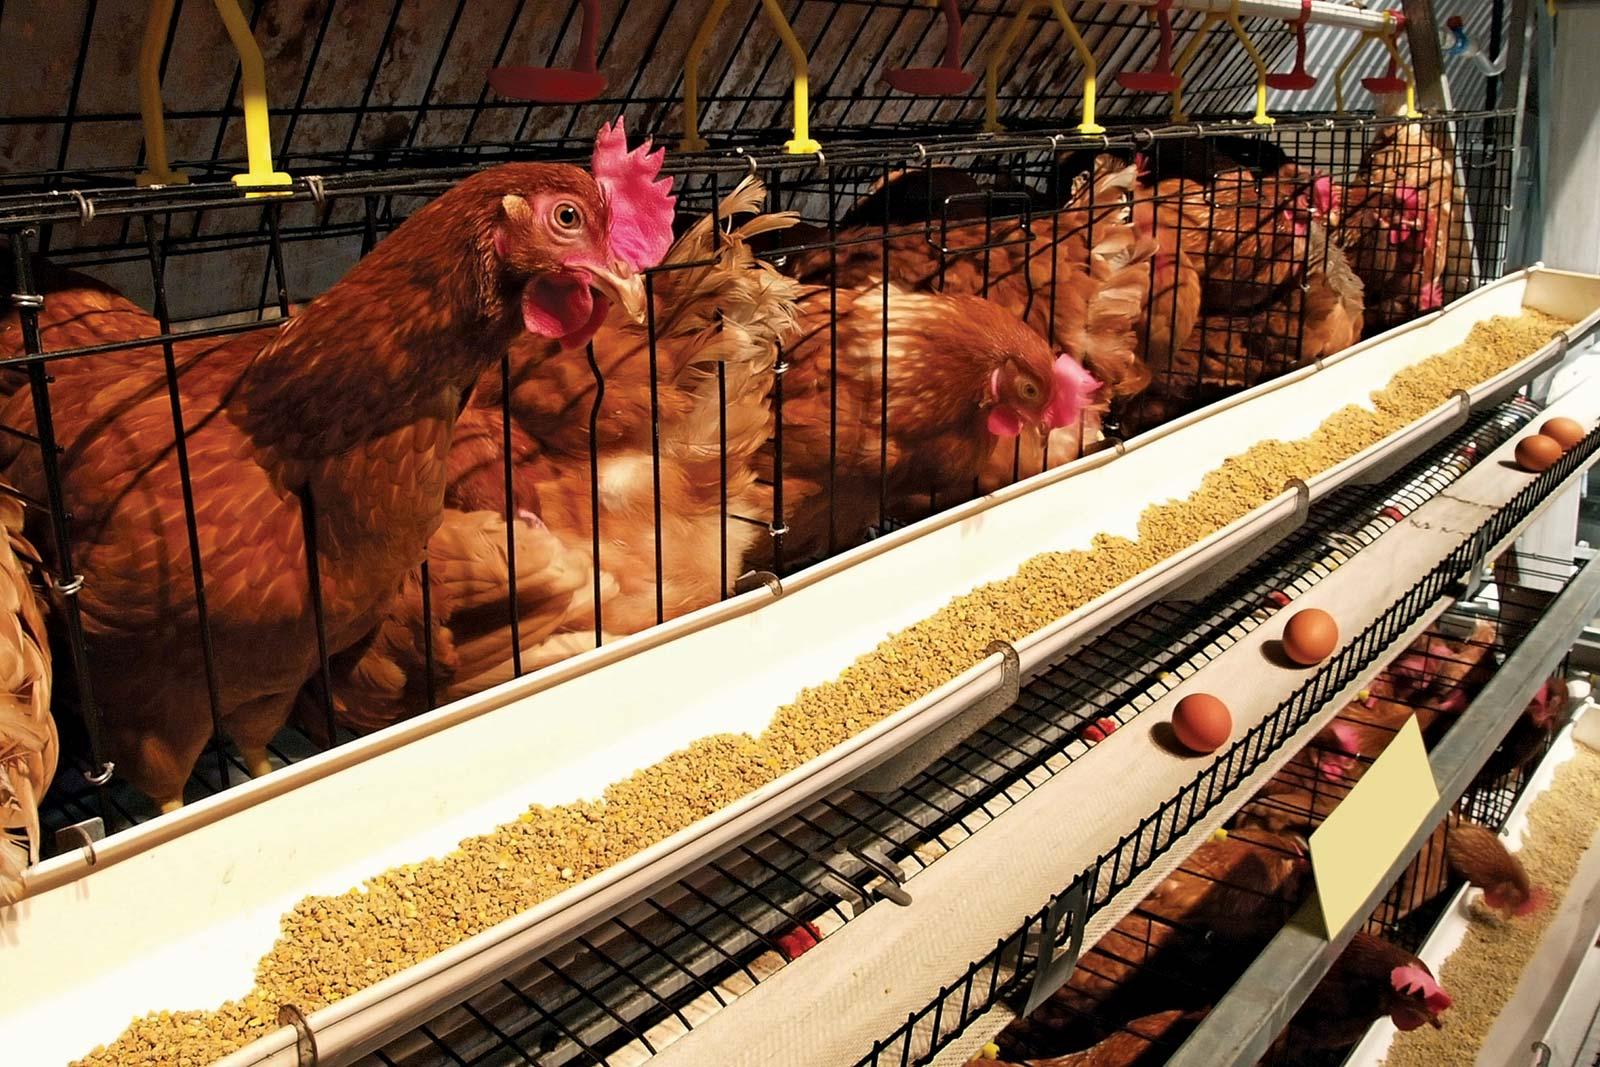 هم اکنون هر شانه تخم مرغ در سطح شهر به قیمت ۳۰ هزار تومان فروخته میشود در حالی که قیمت این محصول درب مرغداریها حدود ۵ هزار تومان کاهش یافته است.